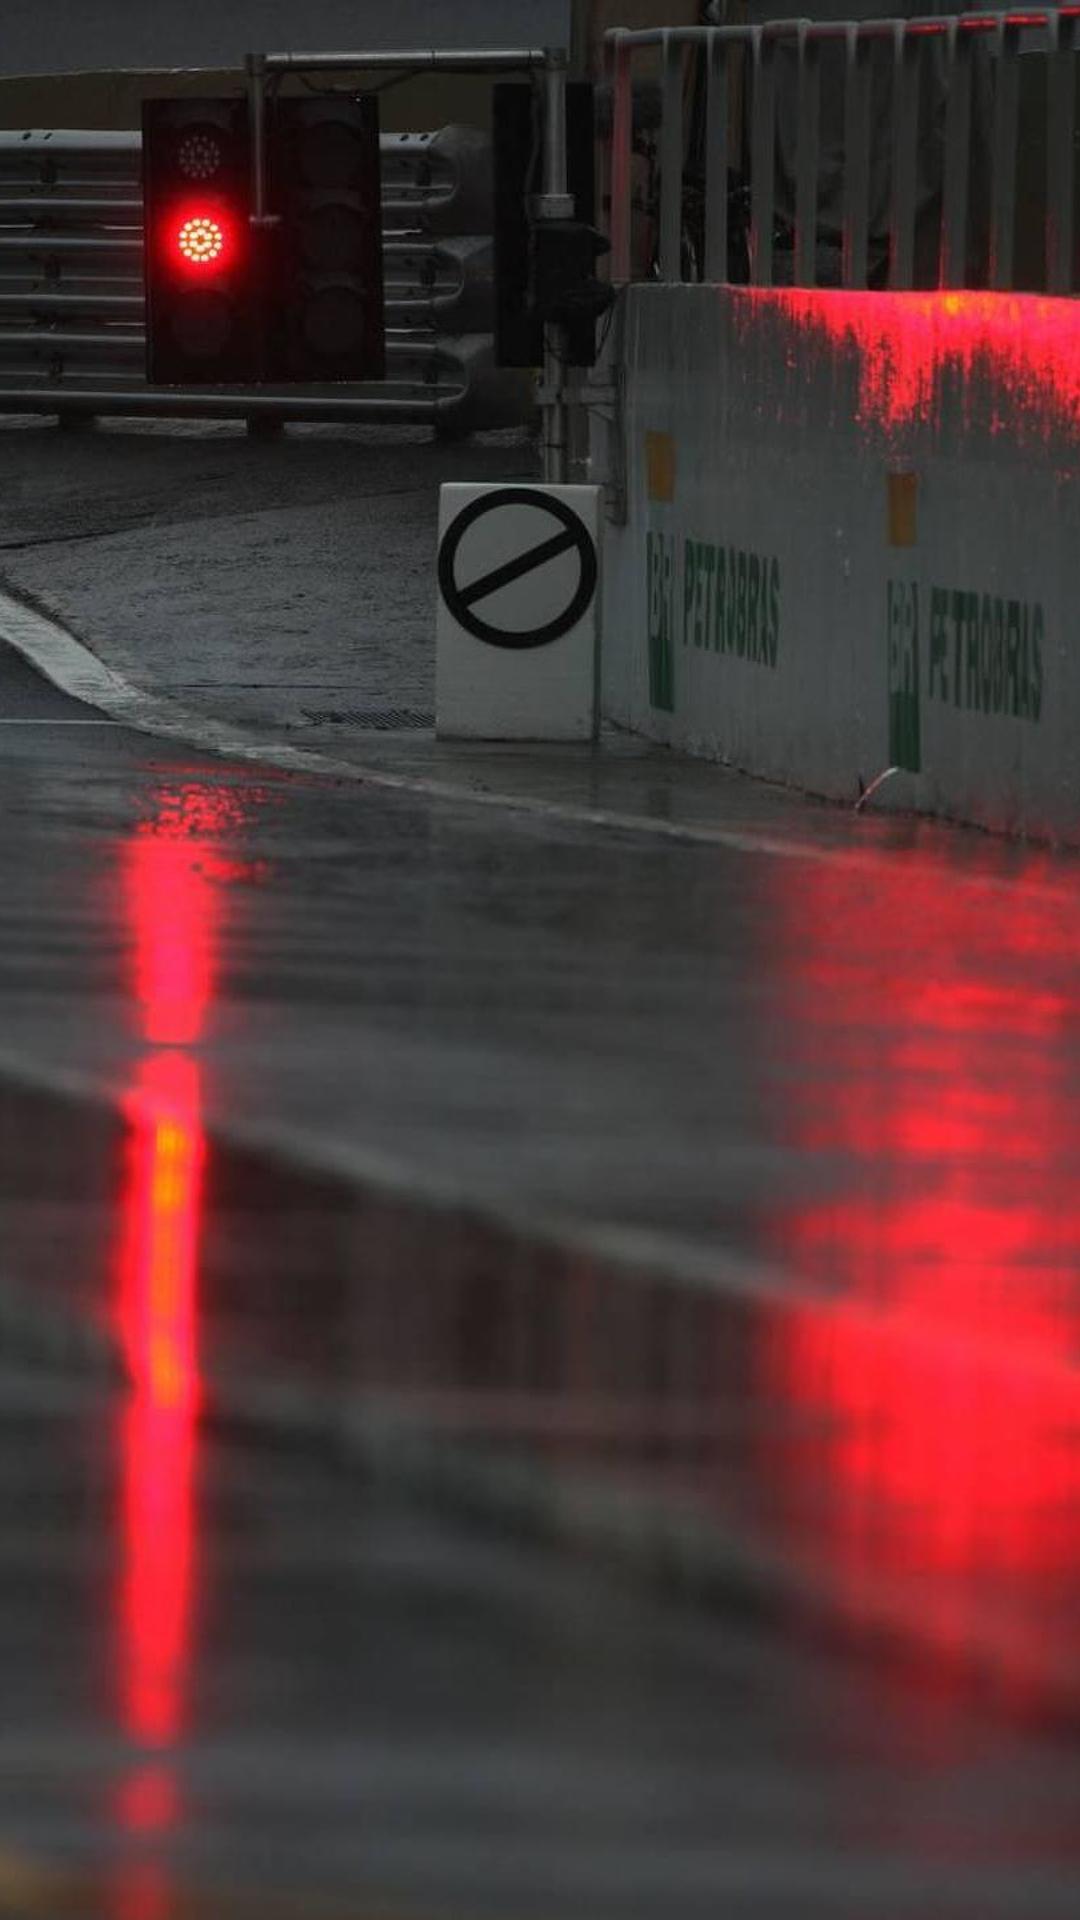 Rain starts to fall at Interlagos